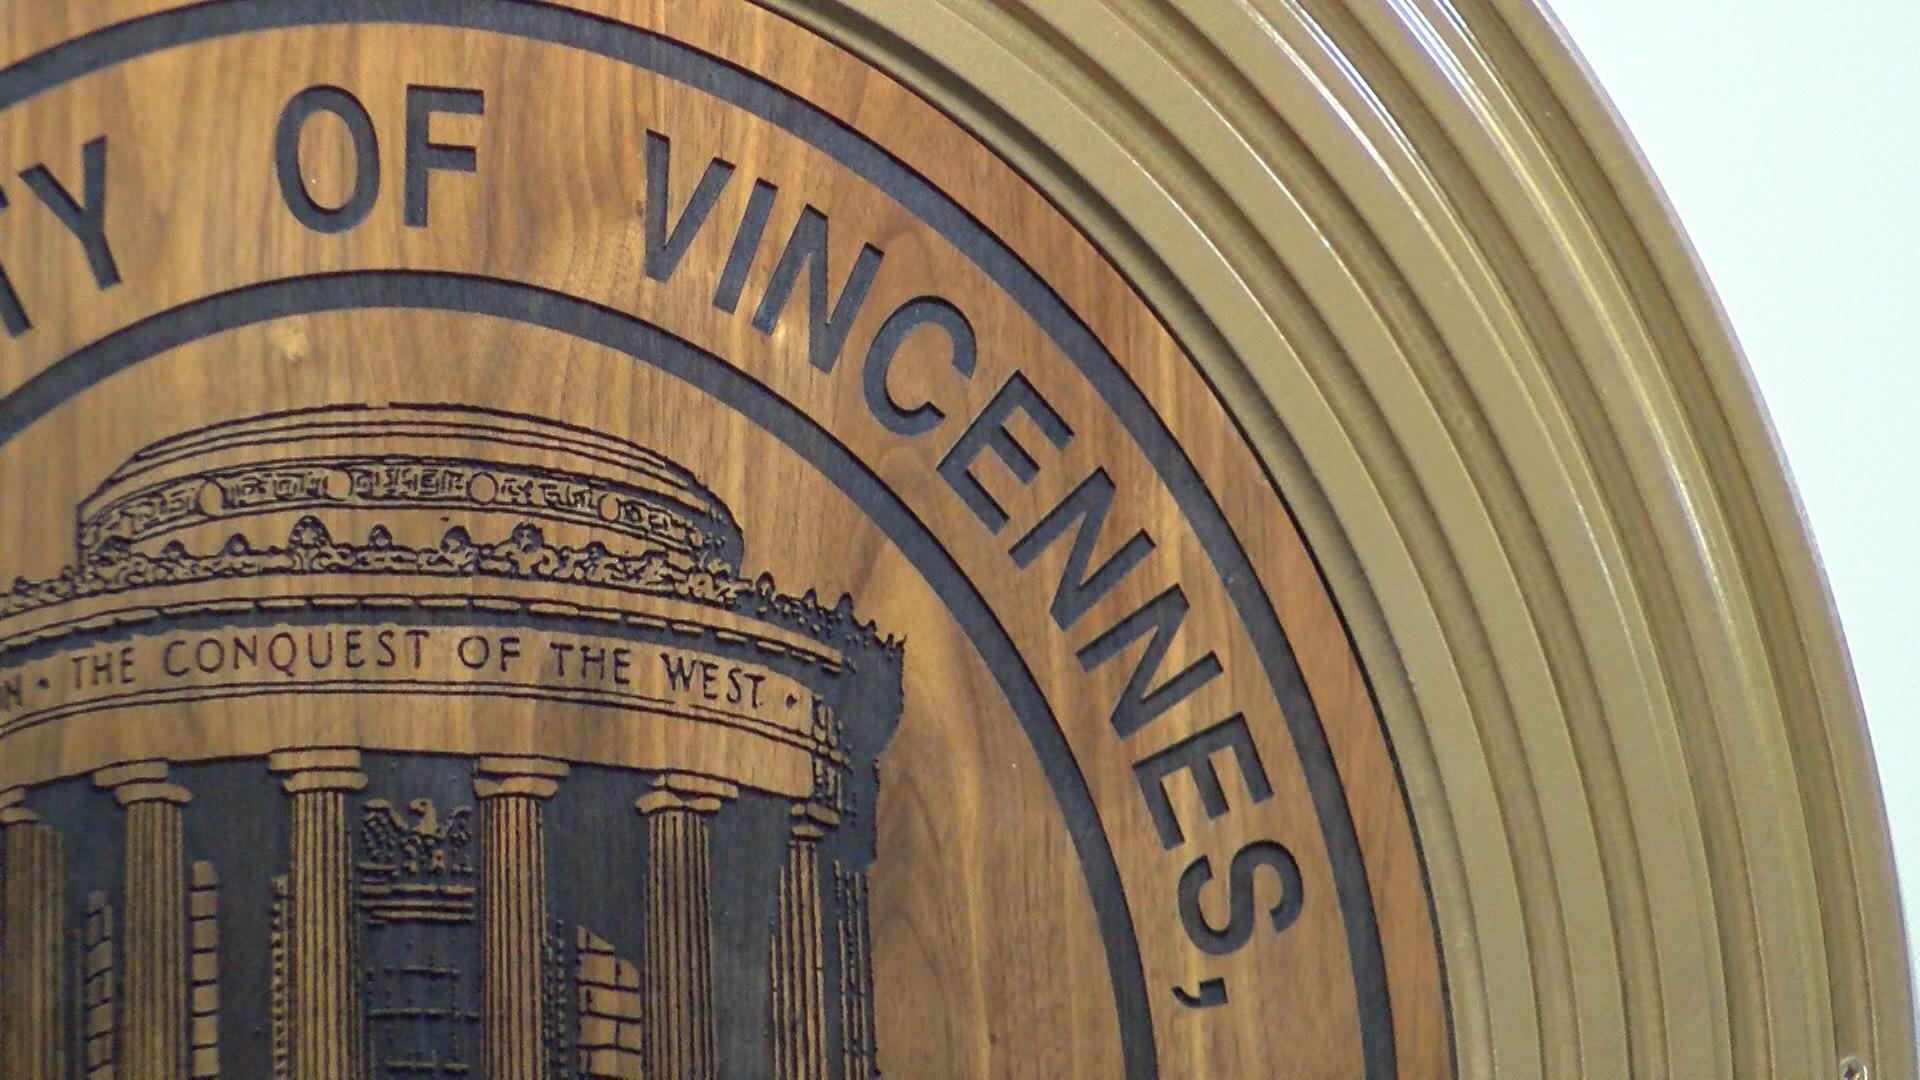 vincennes sign_1517613846185.jpg.jpg